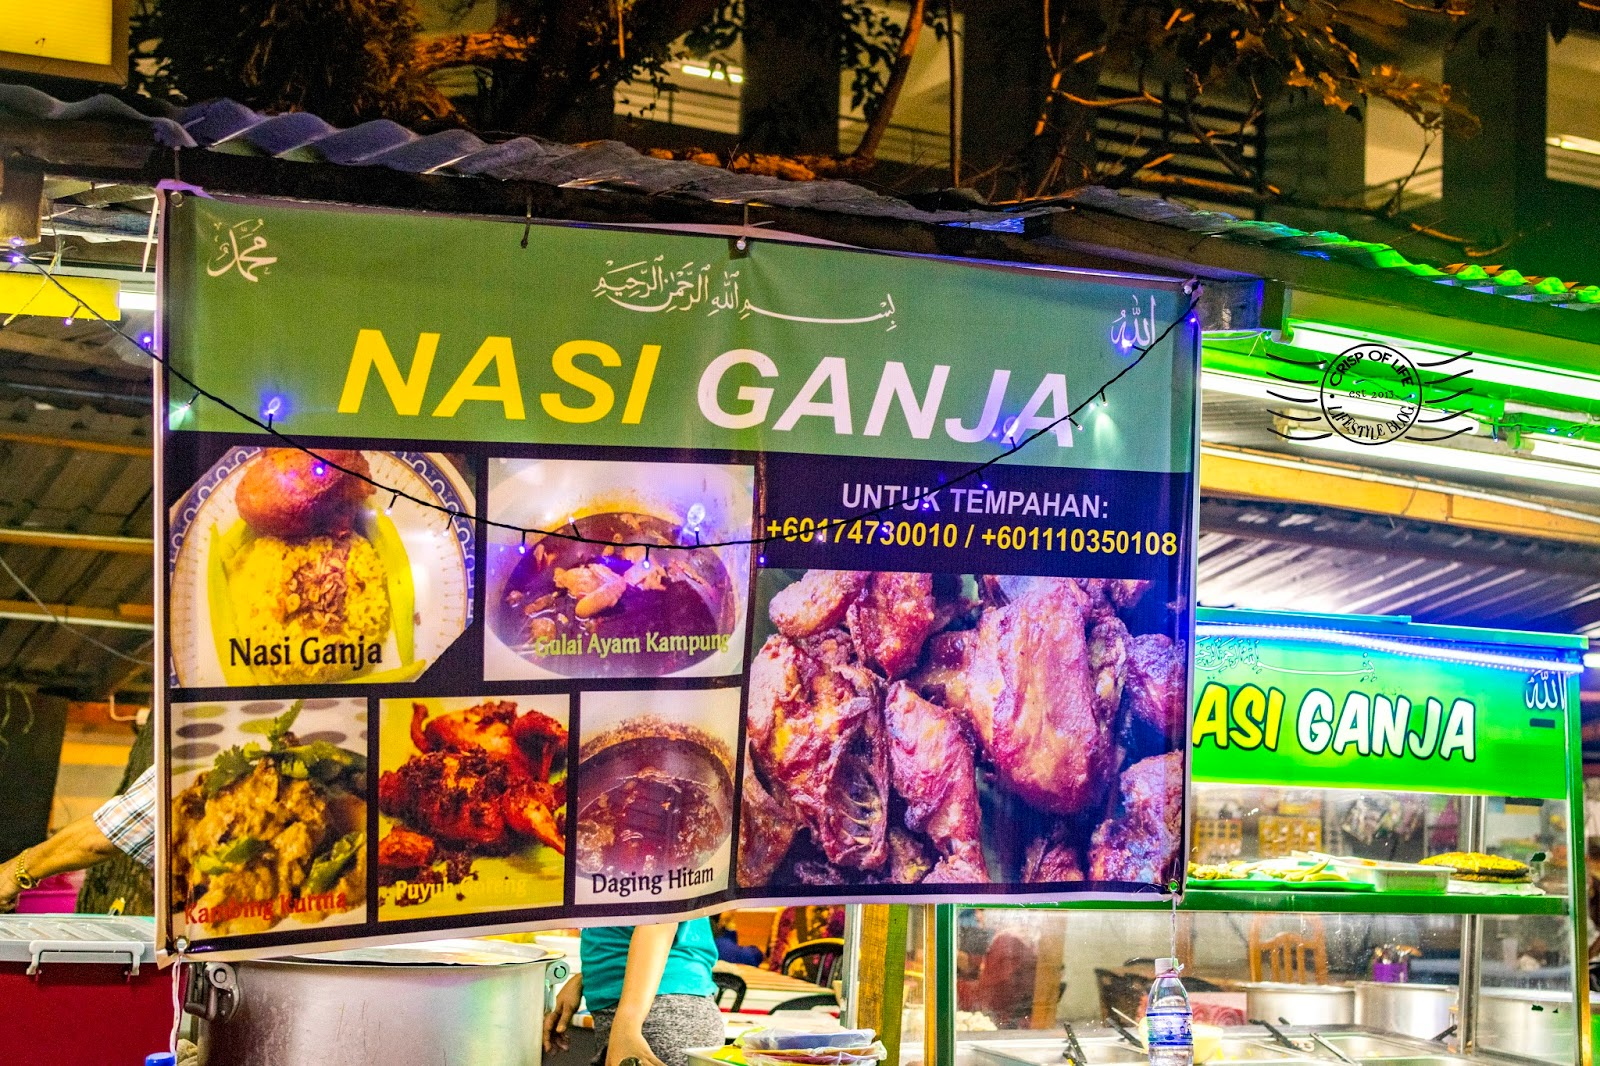 Nasi Ganja nasi kandar in Penang